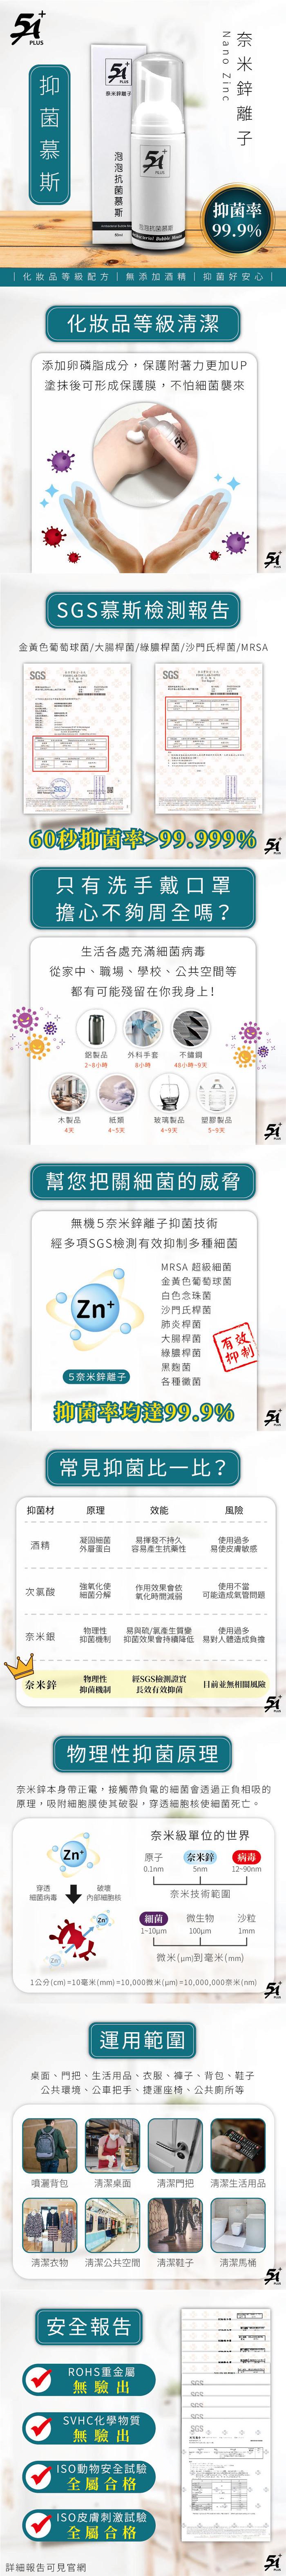 (複製)MuShui|5A+ 奈米鋅離子 化妝品等級 抑菌凝膠 10ml